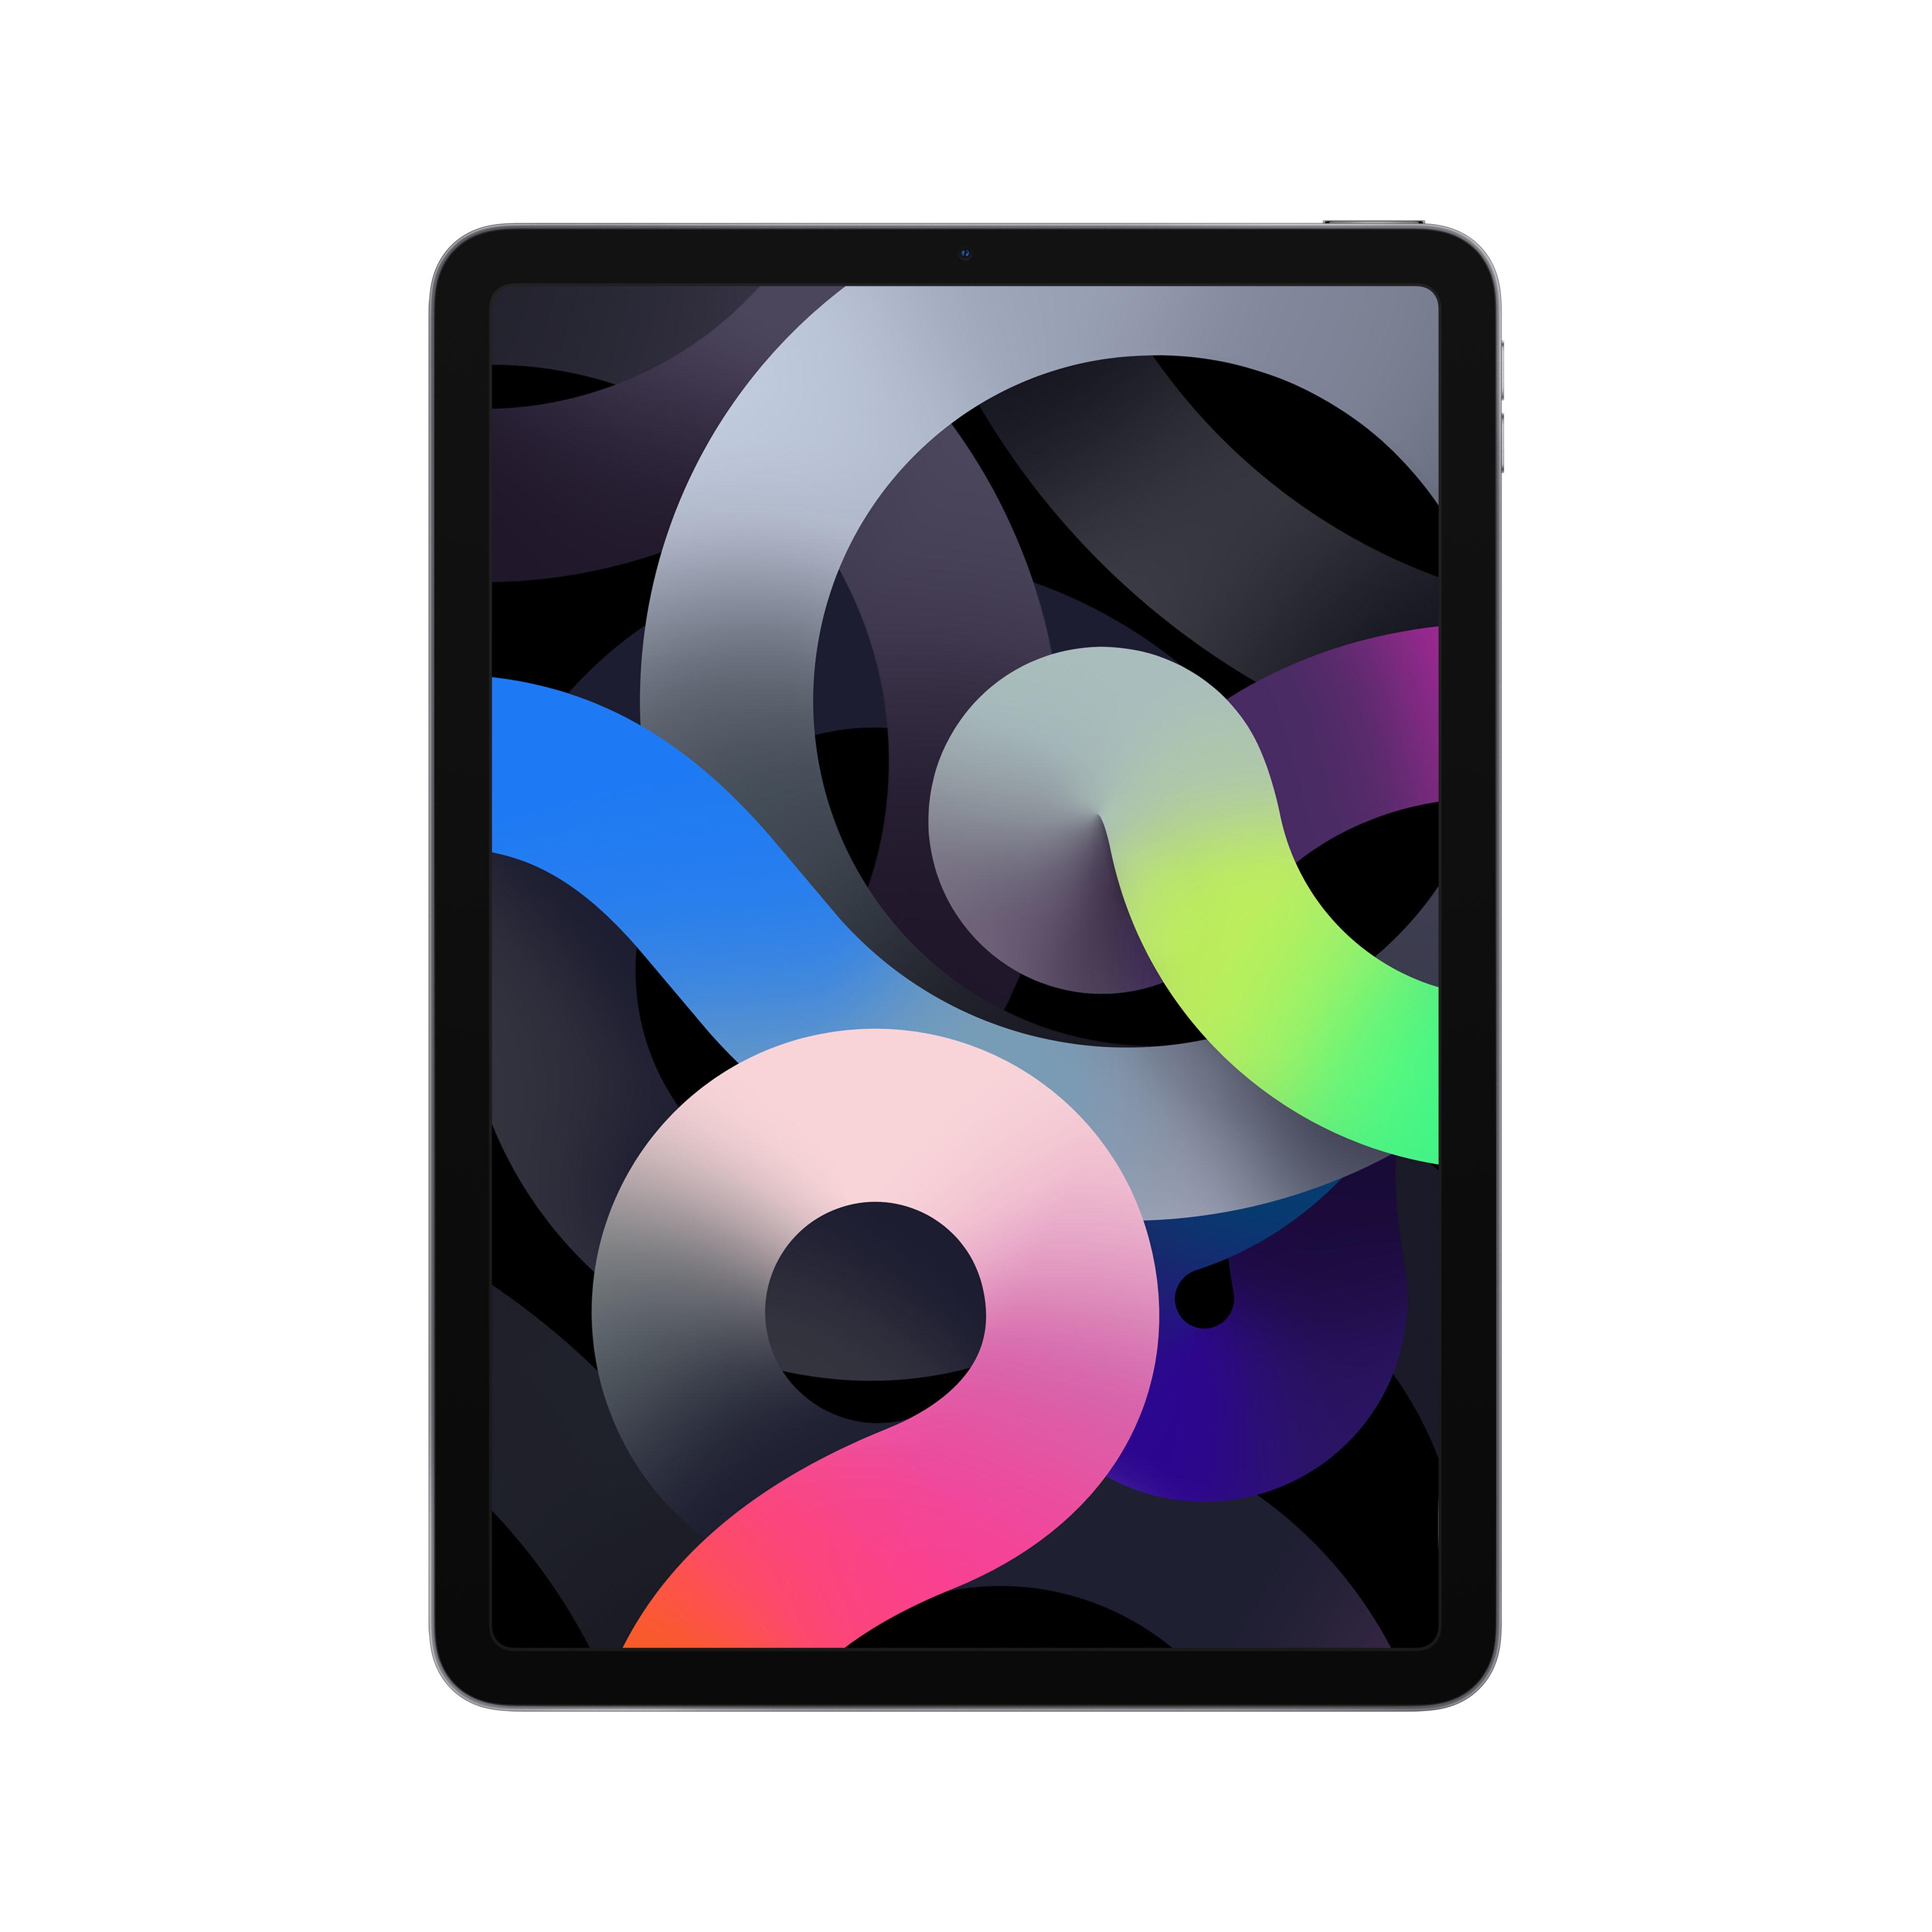 Apple - 10.9-inch iPad Air Wi-Fi 256GB - Space Grey Myft2ty/a